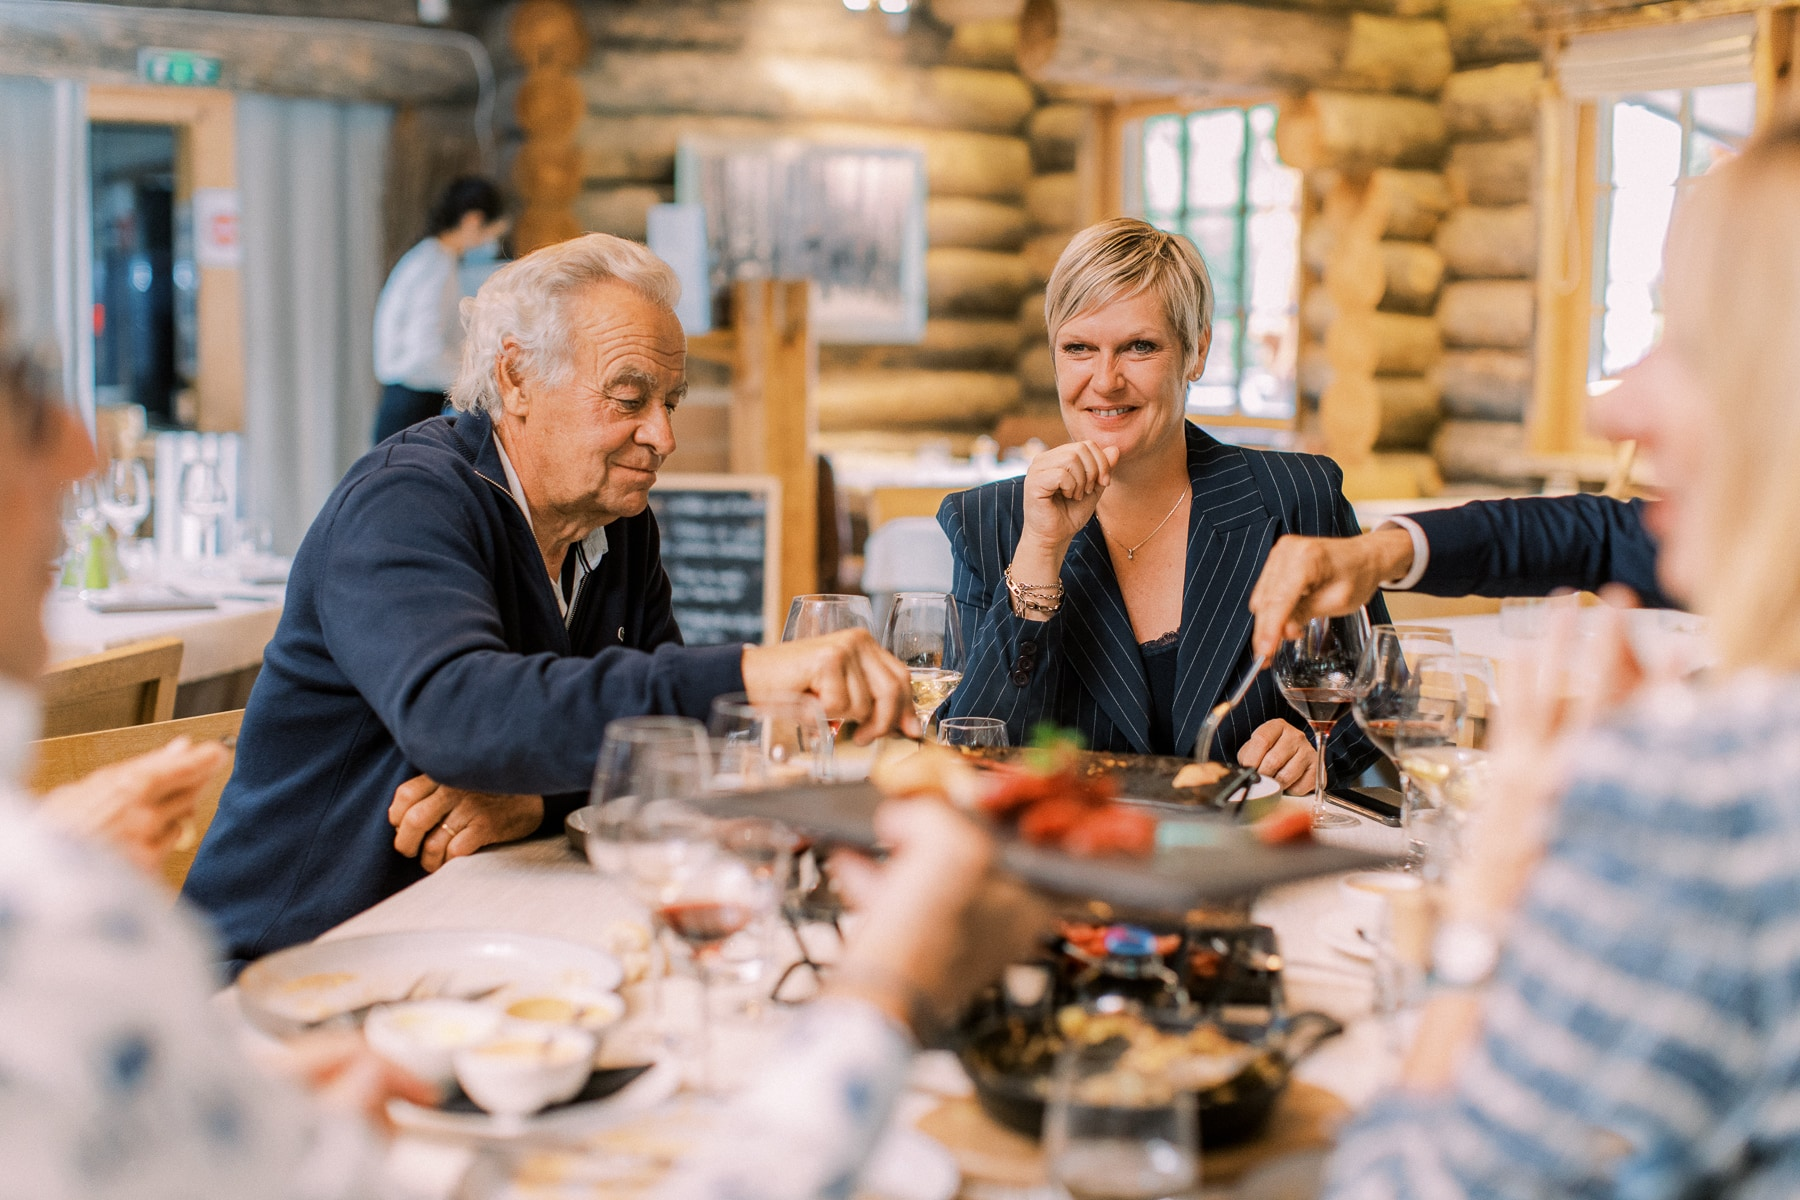 La Cabane des Praz, Chamonix Foto del lugar de la boda | Cena de recepción para la fiesta nupcial e invitados